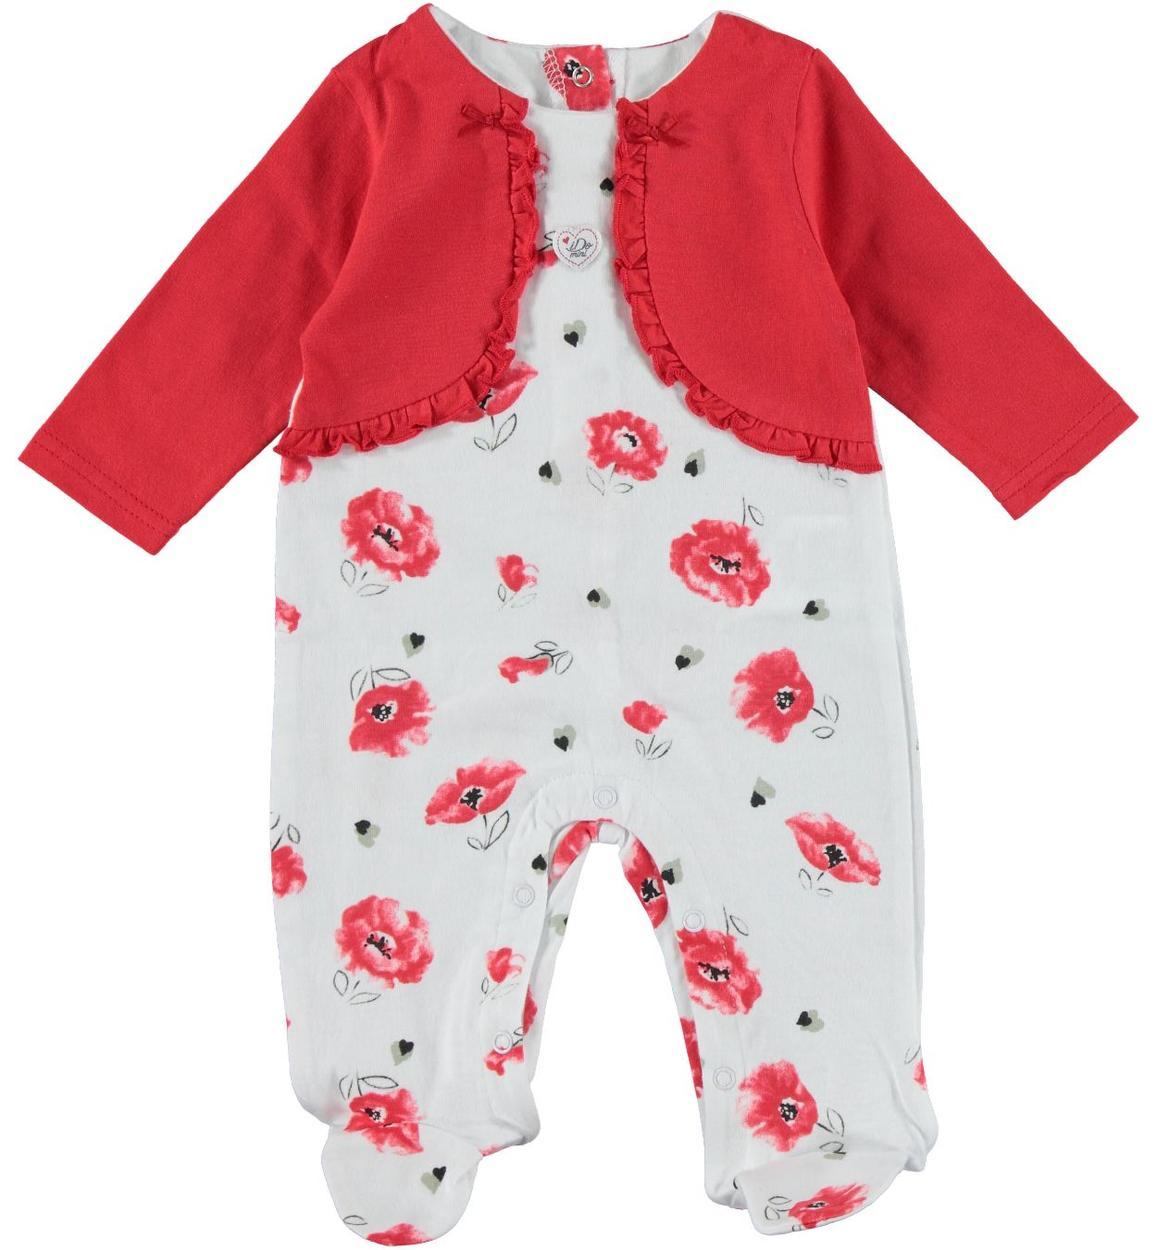 ultimo di vendita caldo sconto più votato seleziona per il più recente Tutina in cotone con finto coprispalle per neonata da 0 a 18 mesi iDO